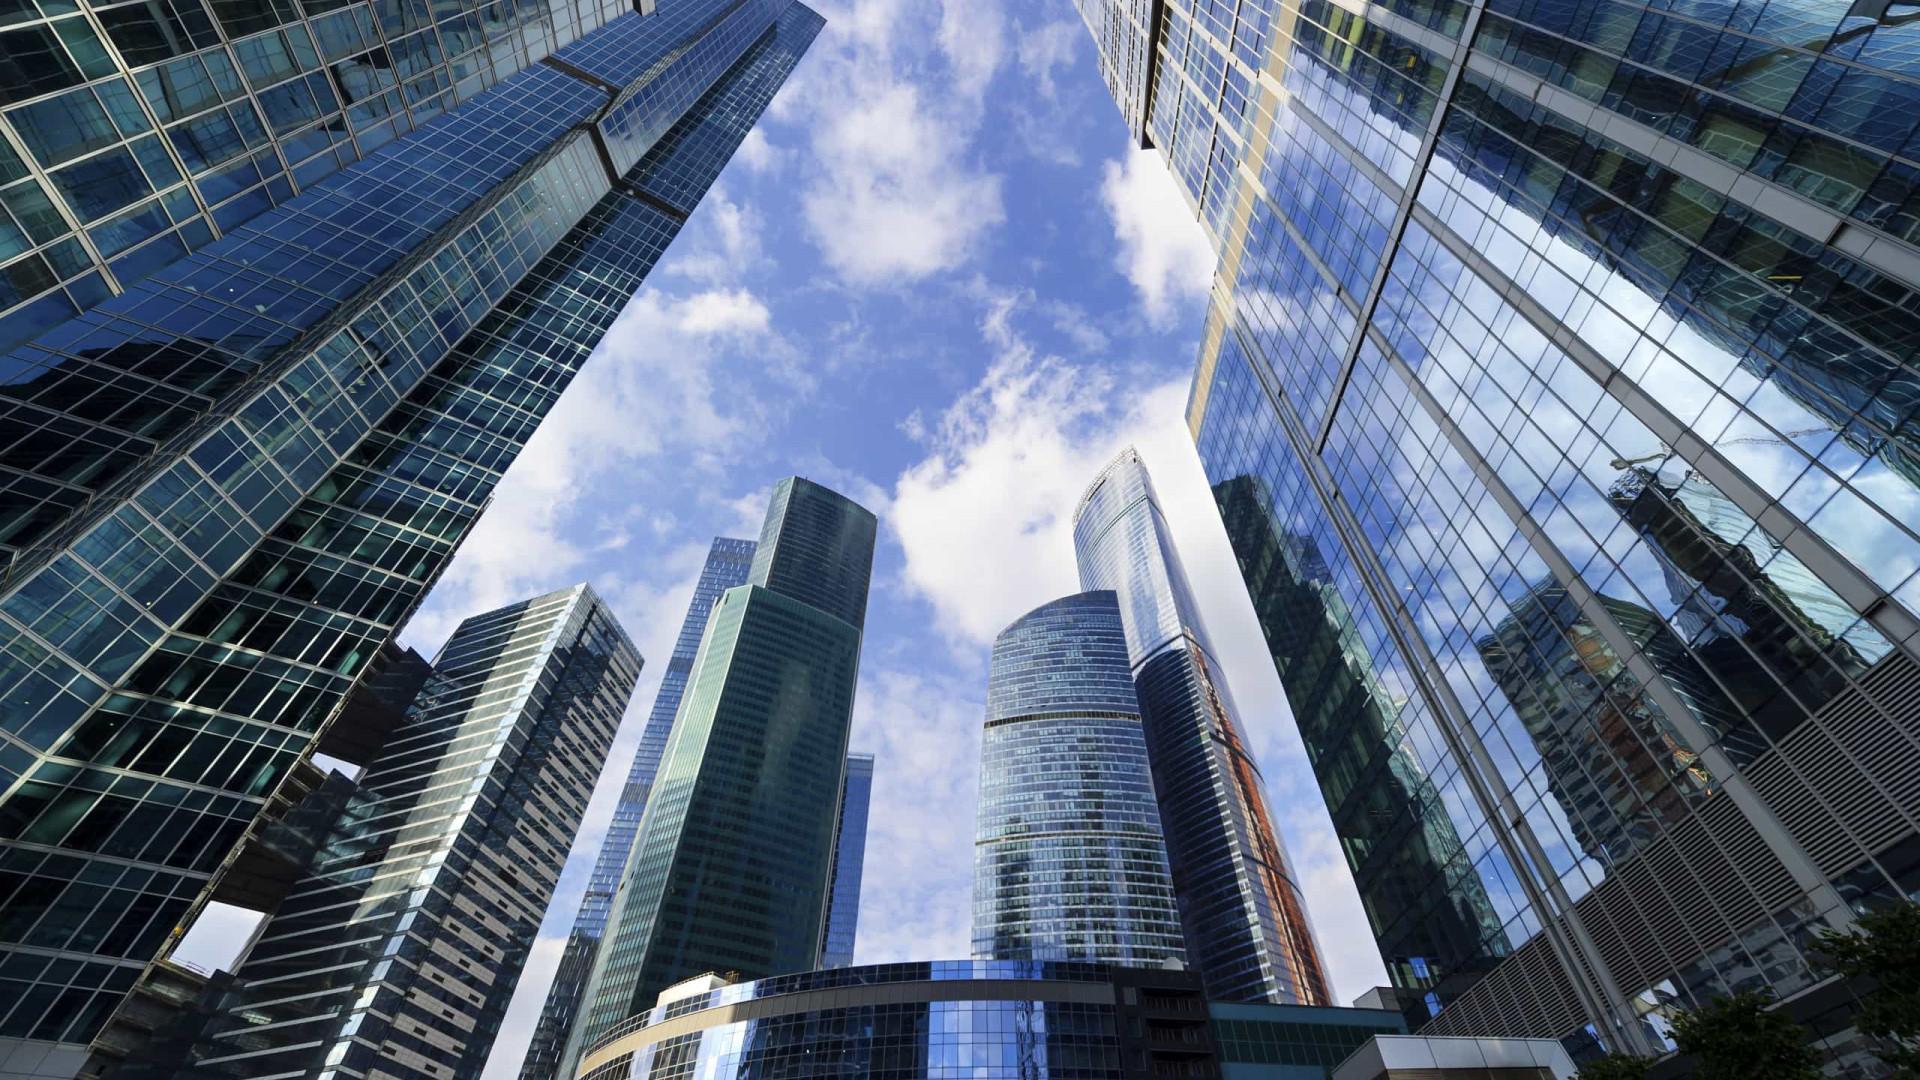 Edifícios com fachadas de vidro geram alto impacto ambiental